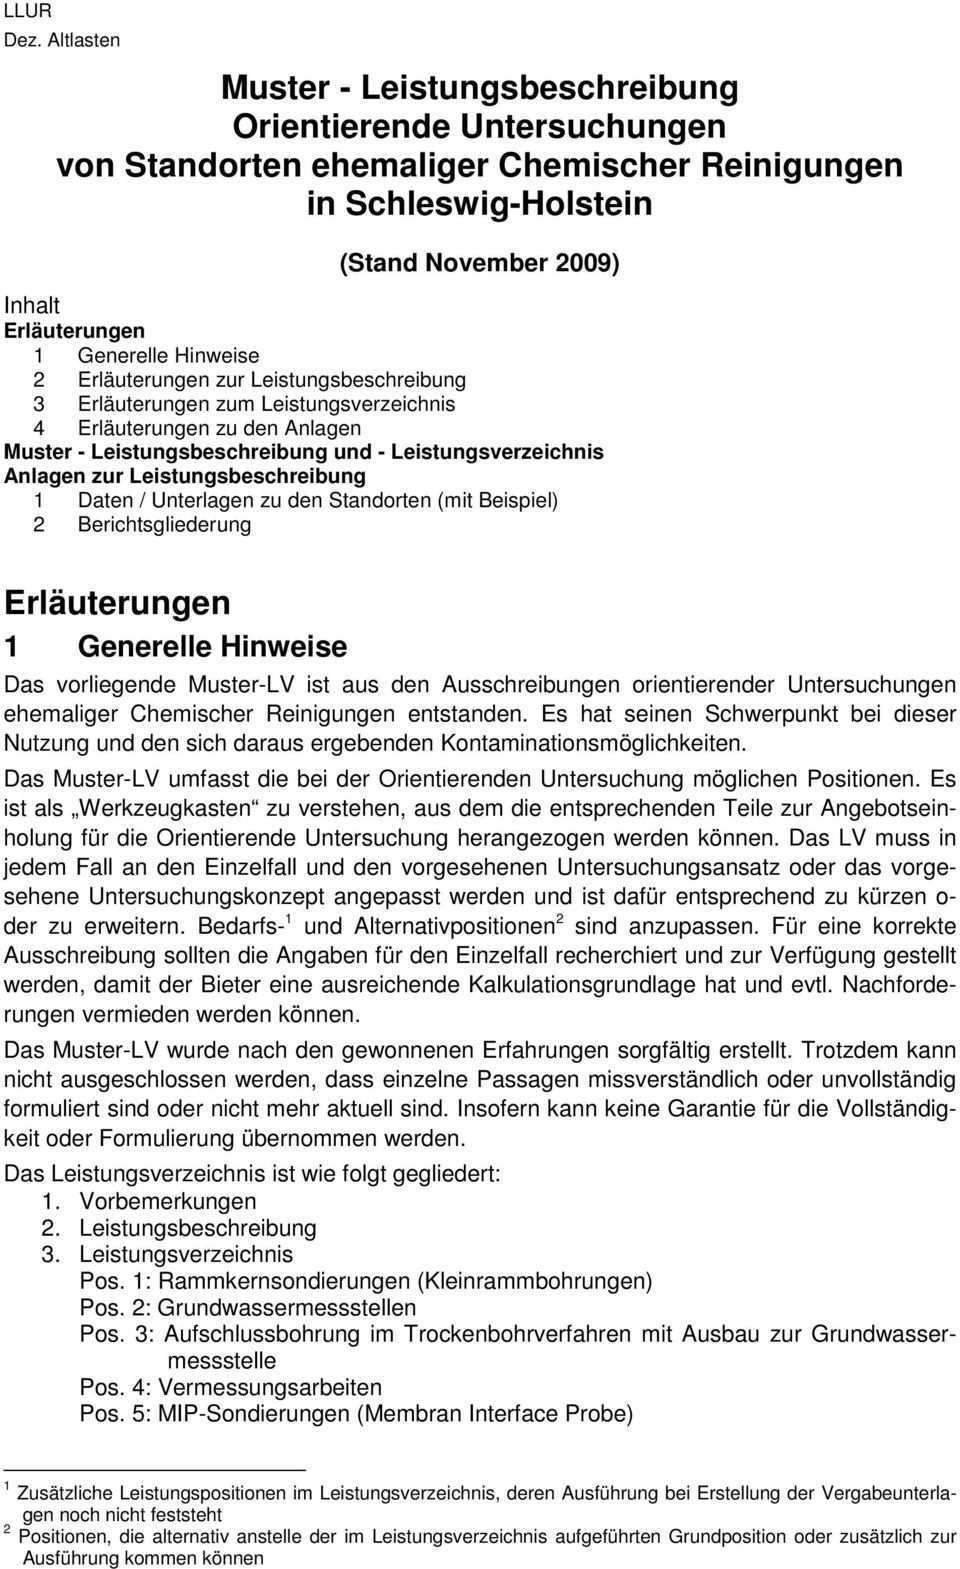 Muster Leistungsbeschreibung Orientierende Untersuchungen Von Standorten Ehemaliger Chemischer Reinigungen In Schleswig Holstein Pdf Free Download